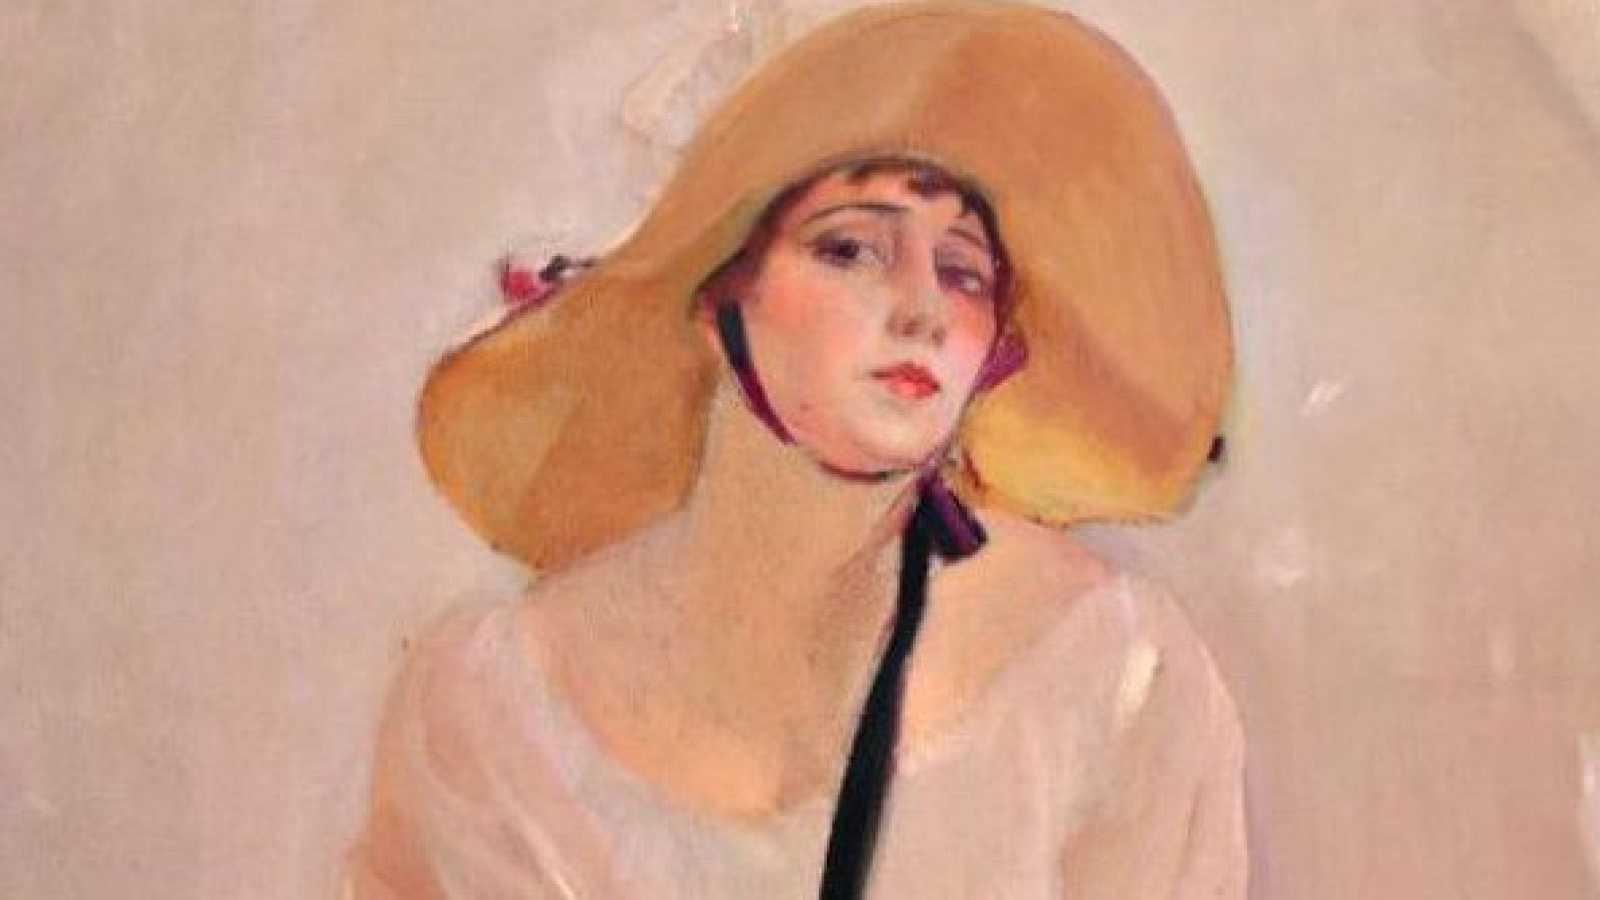 Punto de enlace - 'Sorolla. femenino plural', nueva lectura del pintor - 31/12/20 - Escuchar ahora